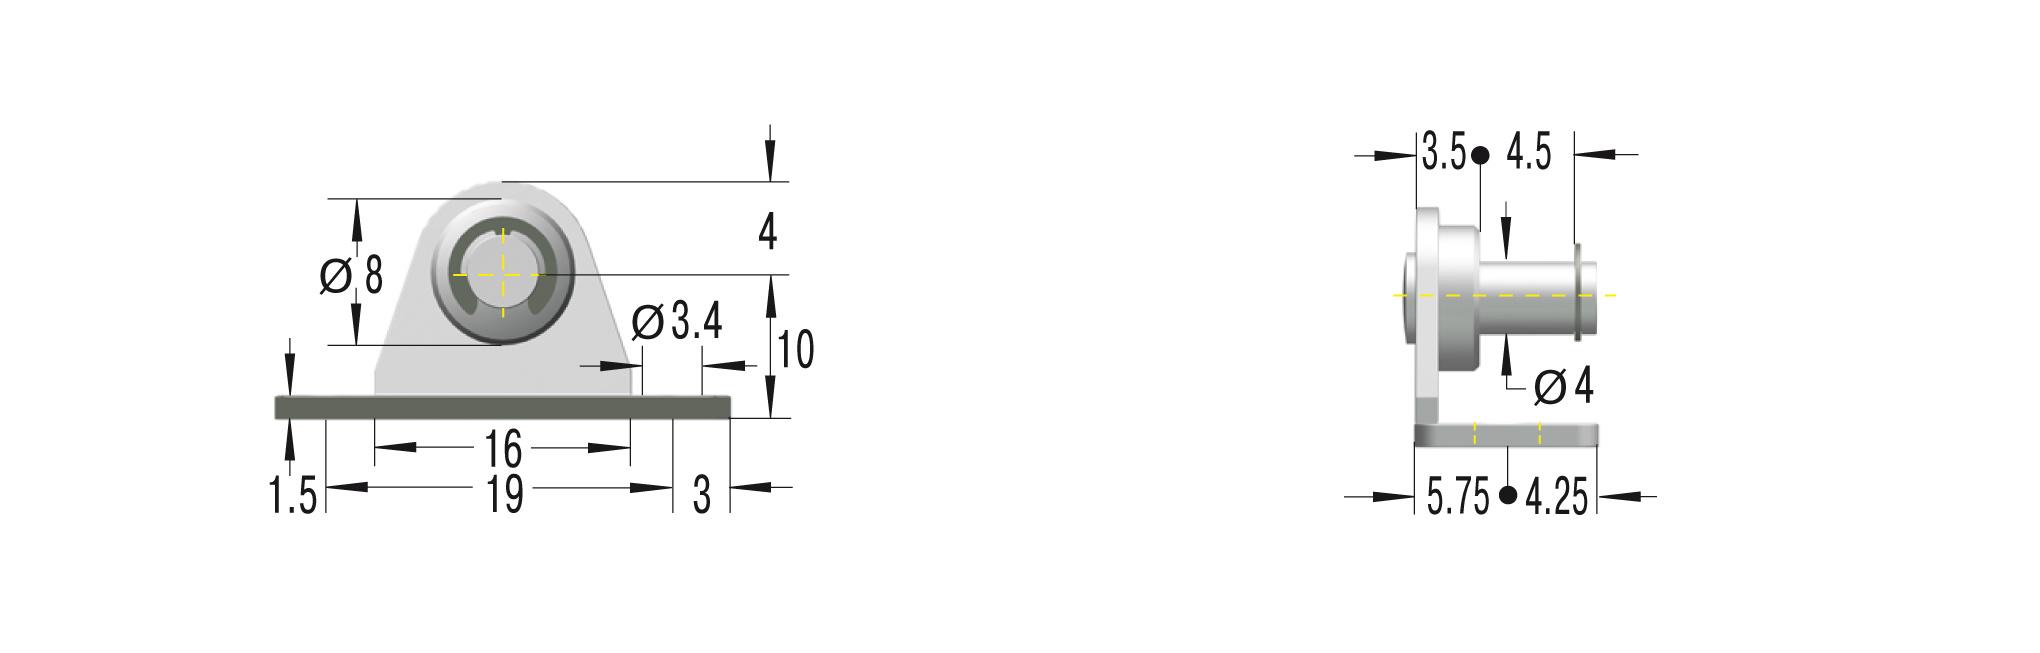 Beschlag für GS-8, 10 und 12 ***maximale Belastung 180N***